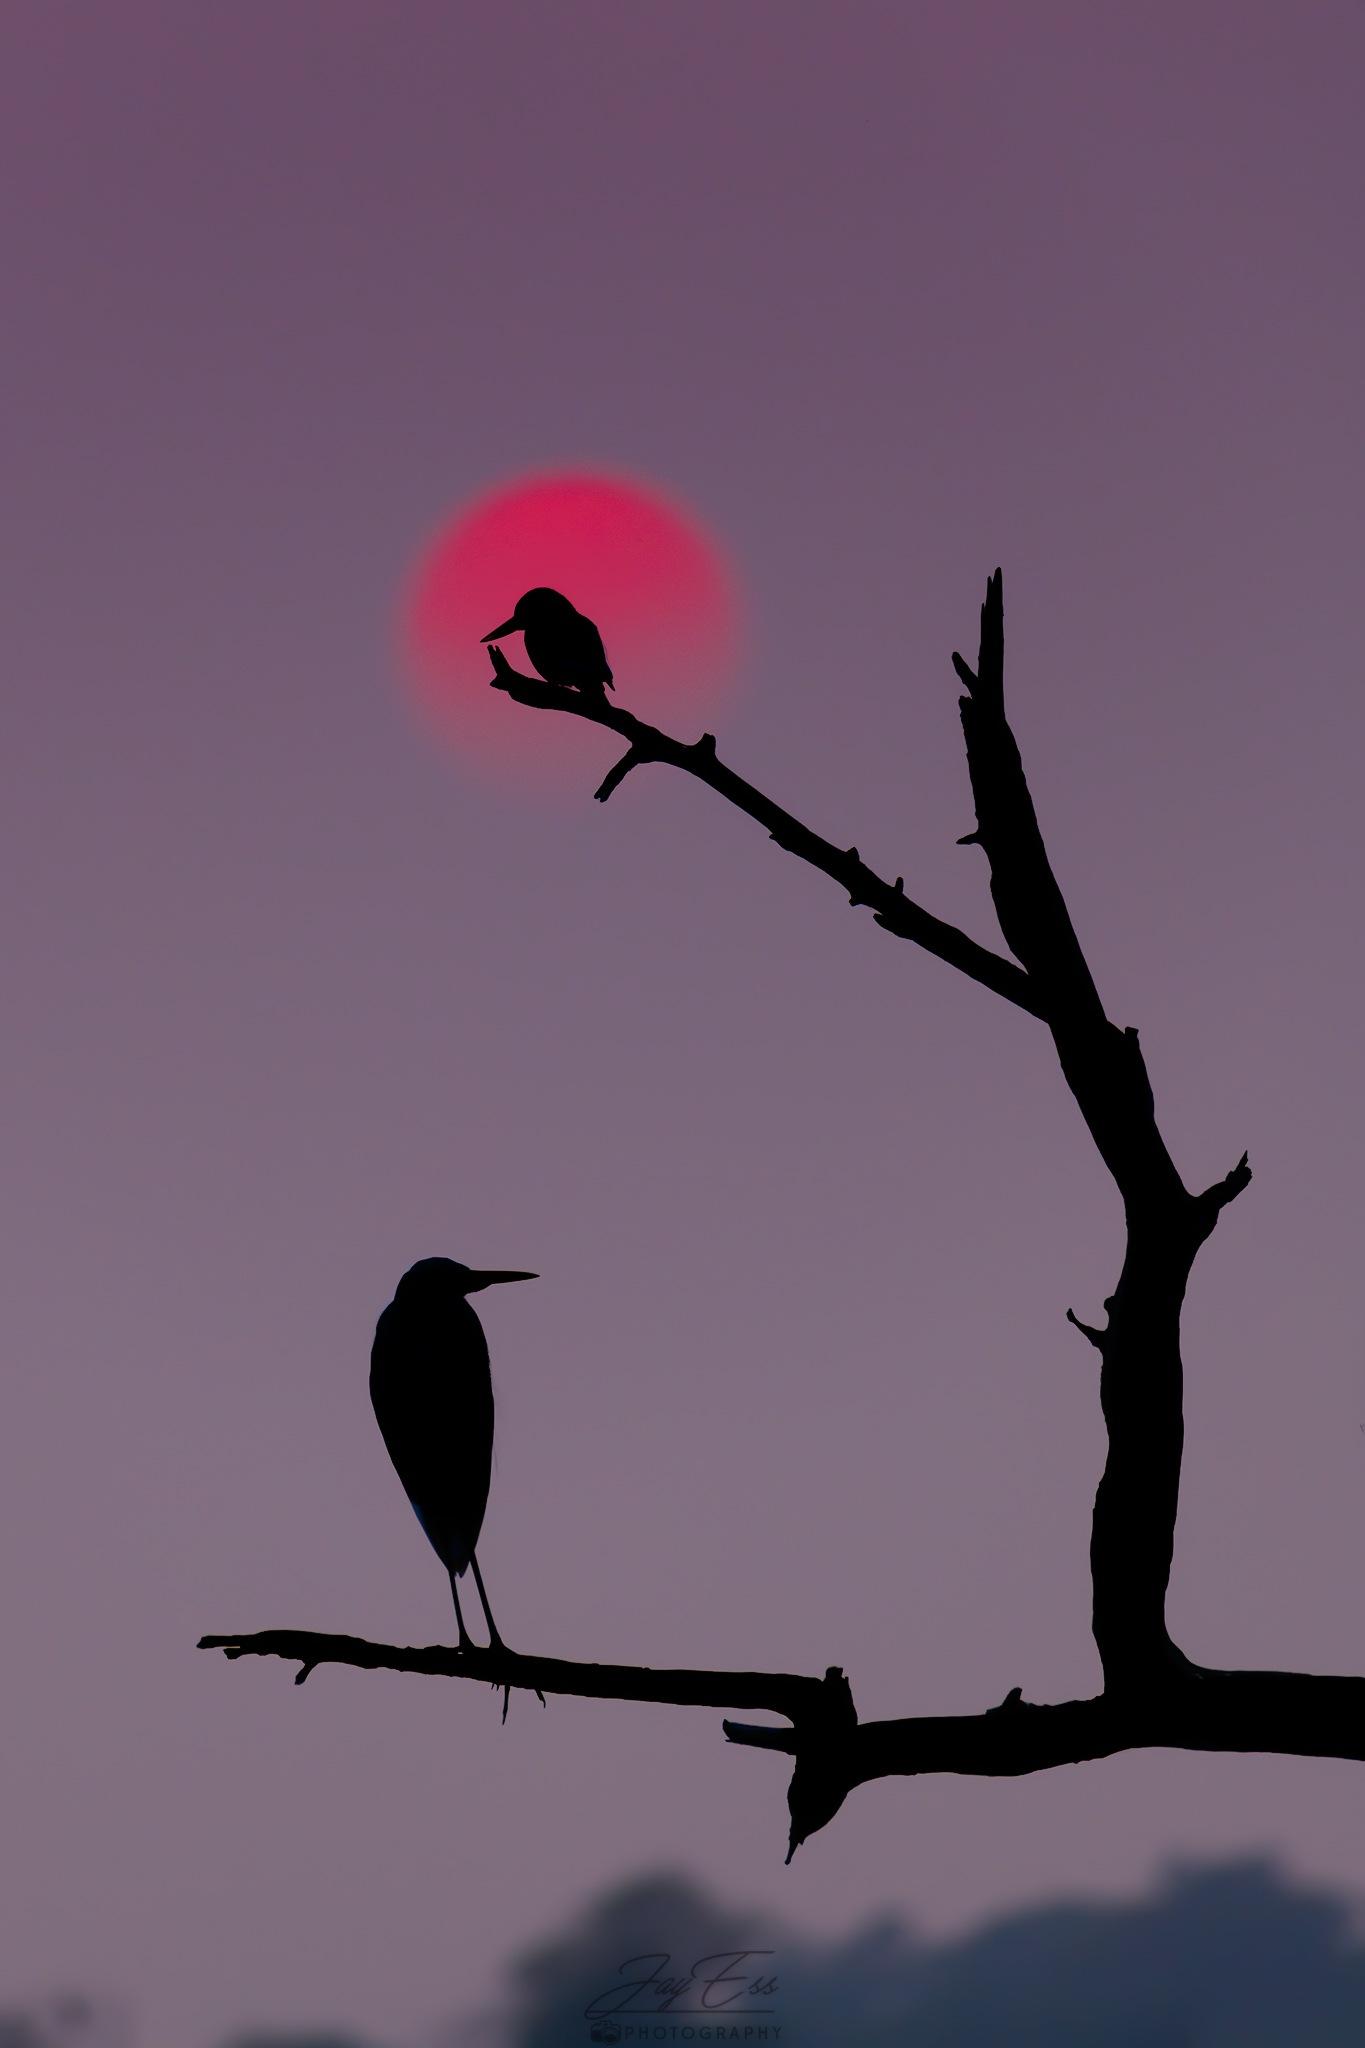 sunset by jeetendra